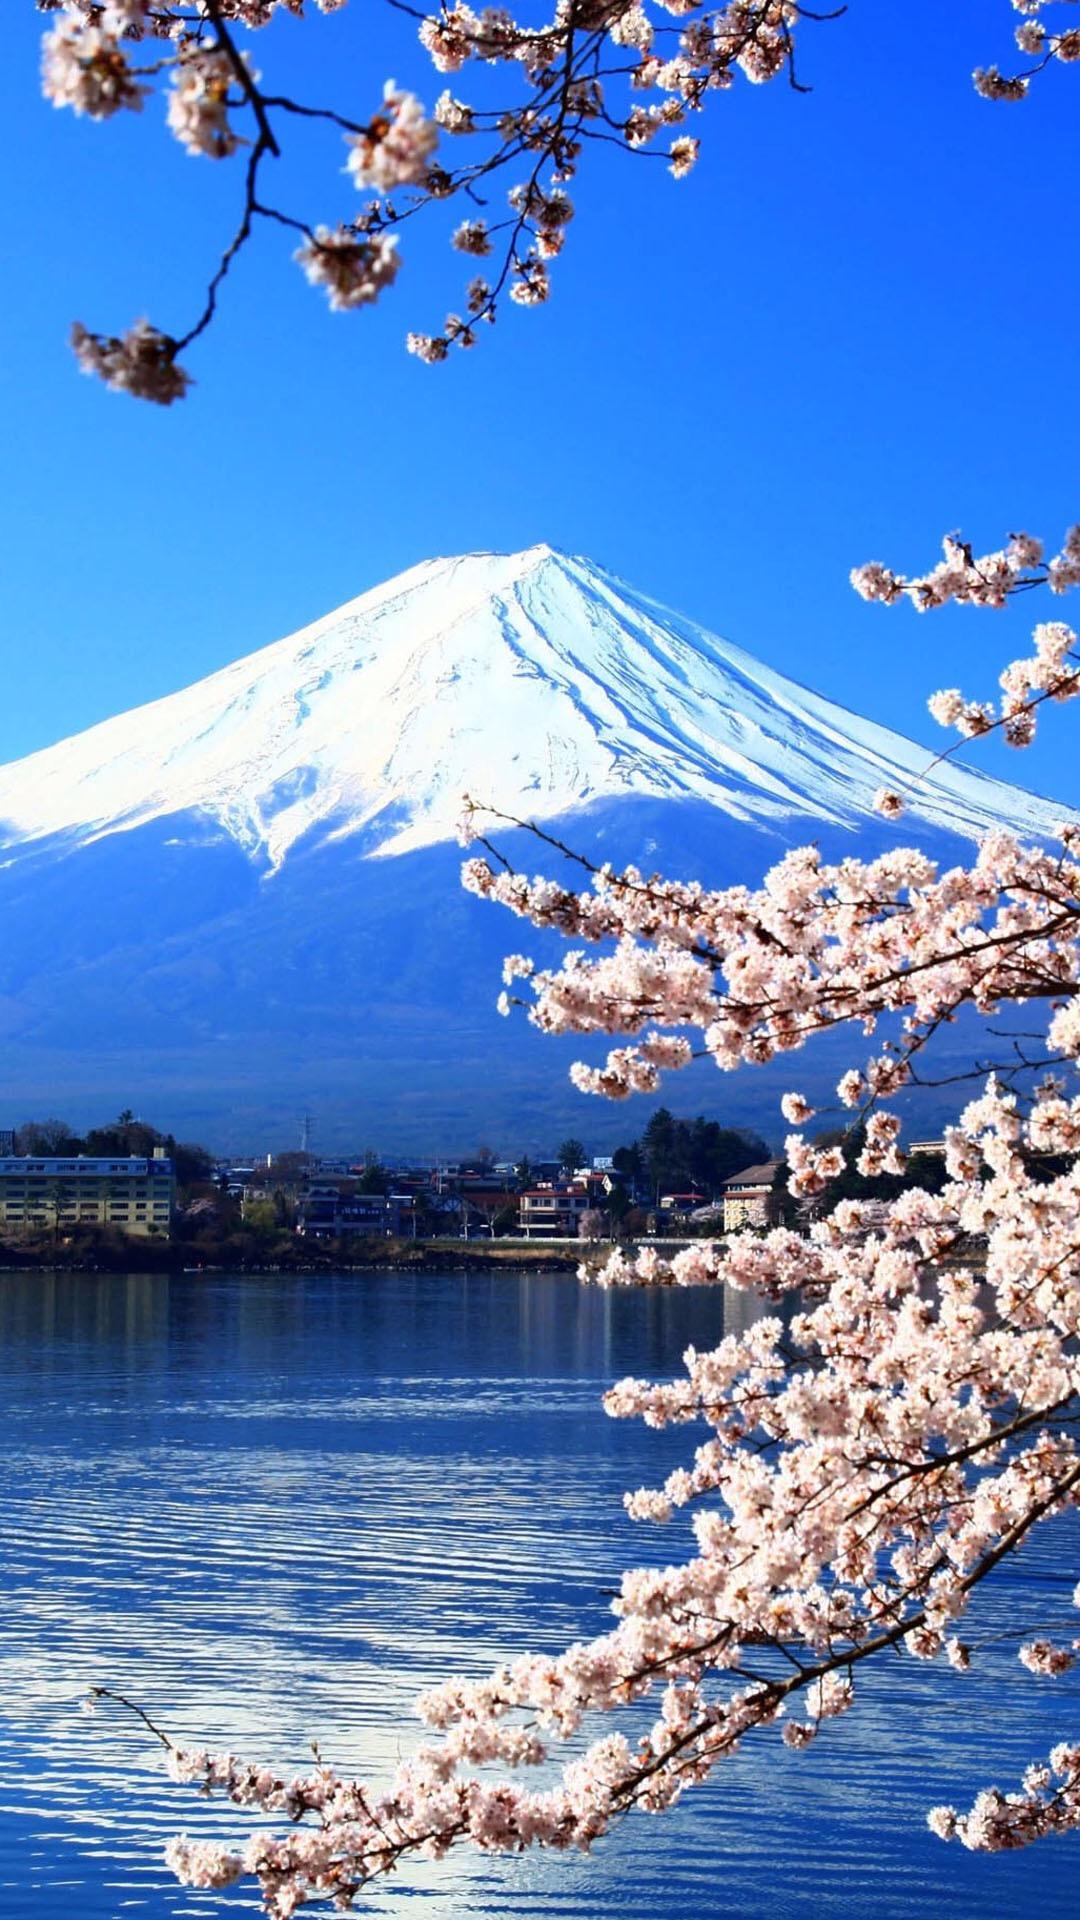 富士山湖光山色高清手机壁纸 自然山水风景手机壁纸图片